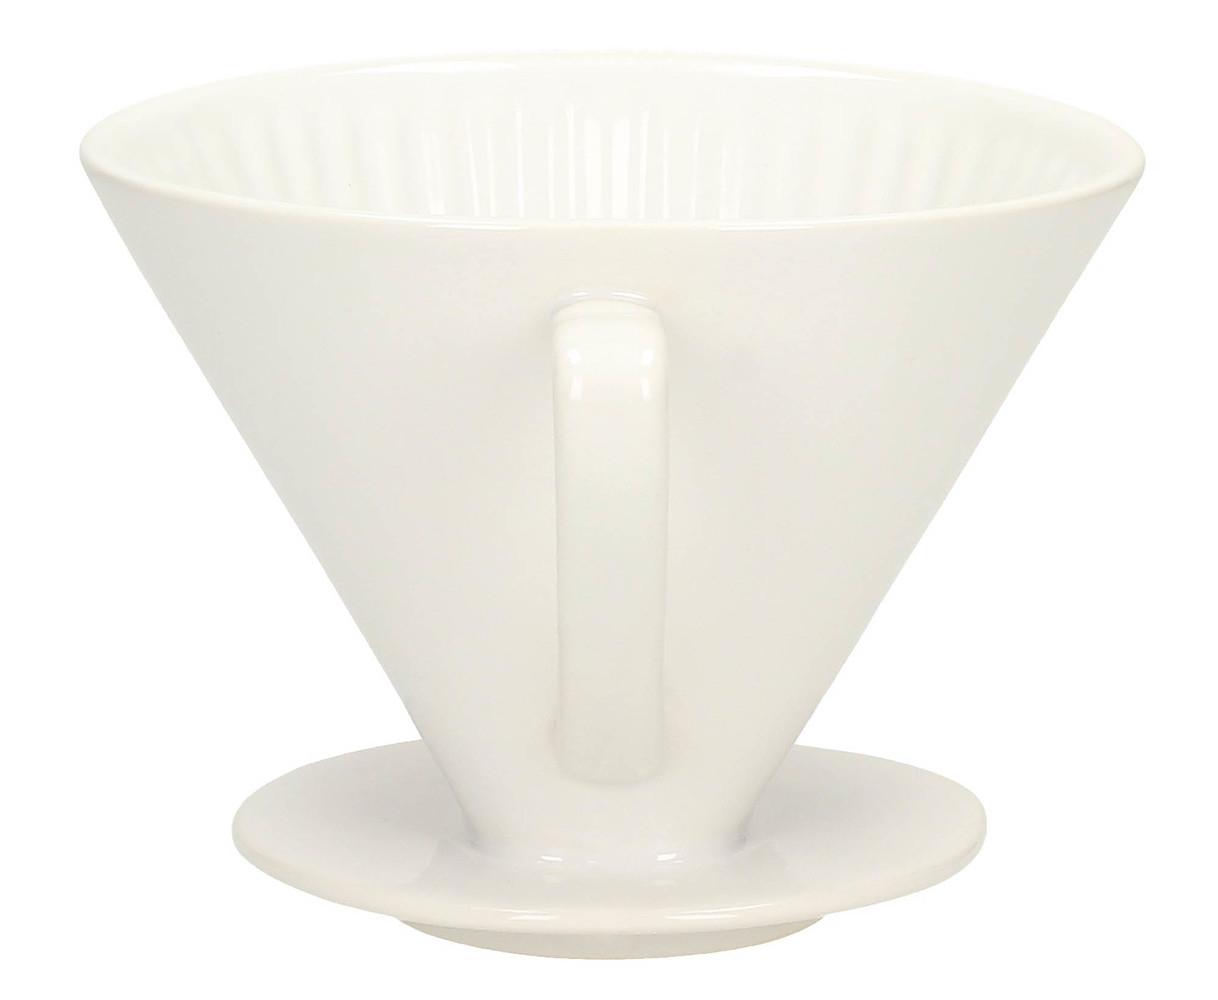 Image of Dripper / filtr ceramiczny do kawy roz. 4 cilio